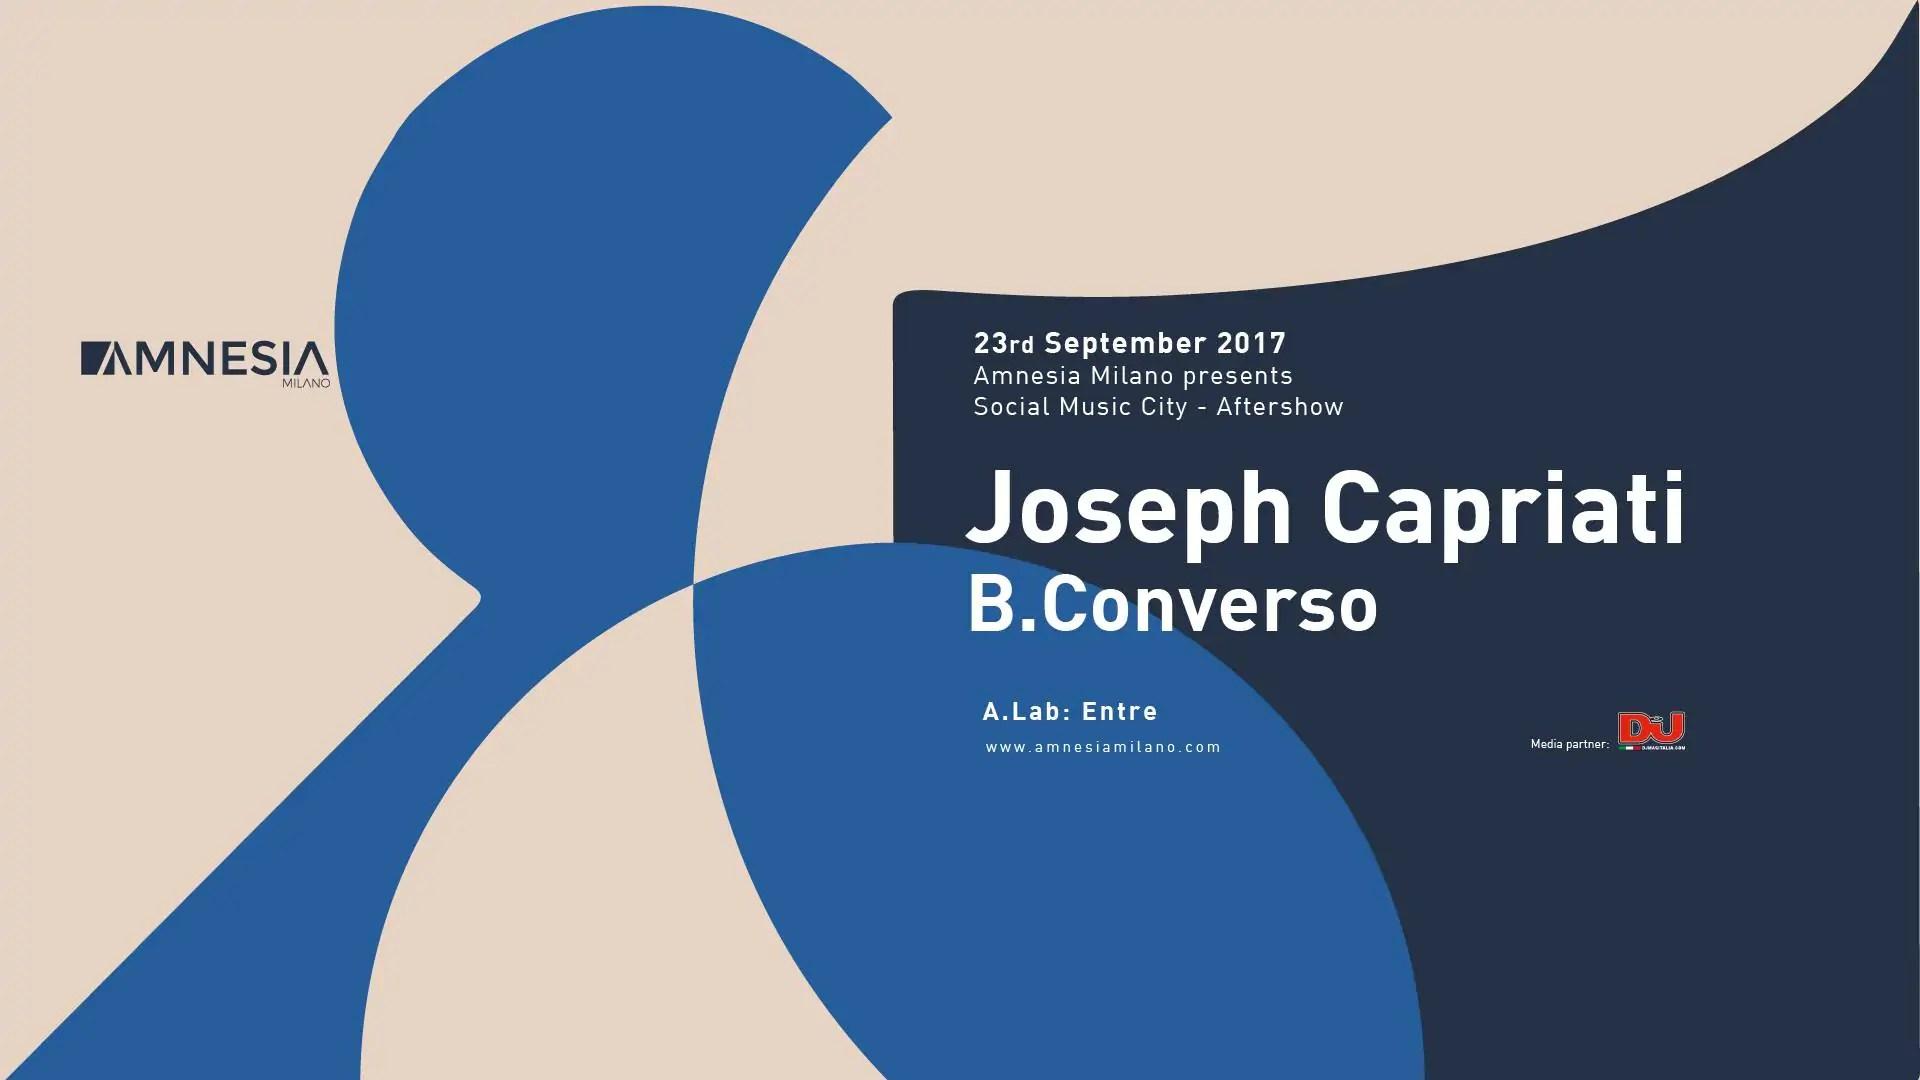 JOSEPH CAPRIATI AMNESIA MILANO 23 SETTEMBRE 2017